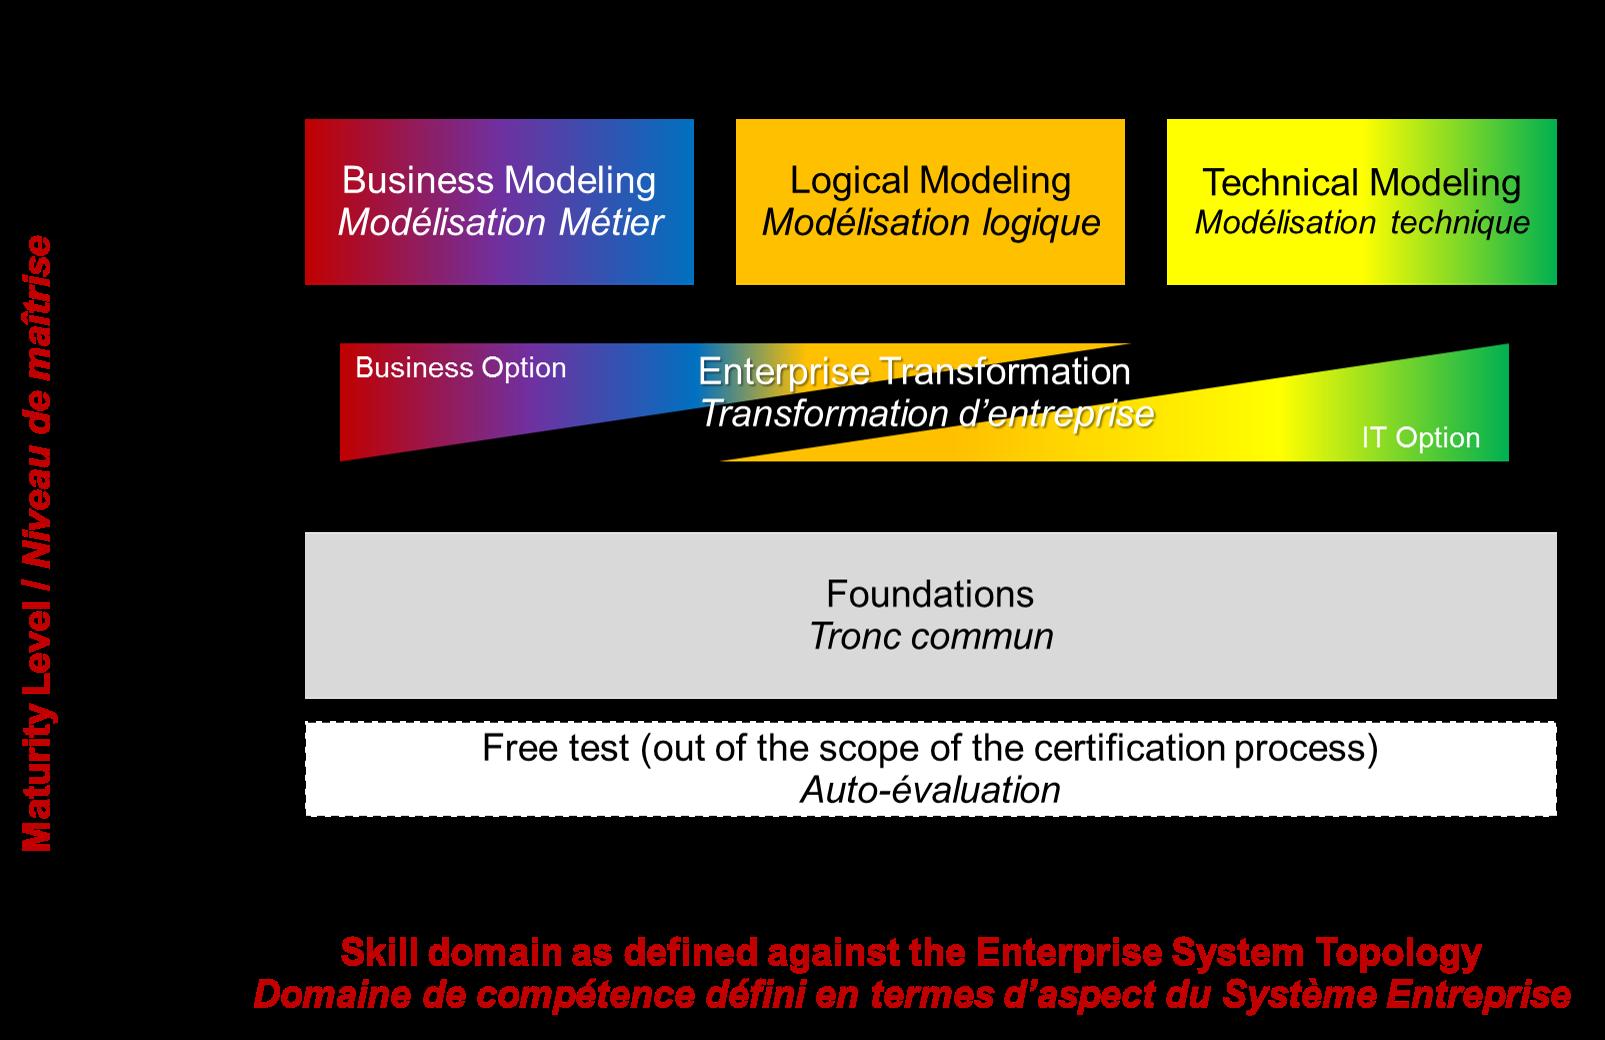 Le schéma de qualification Praxeme prévoit 7 certificats